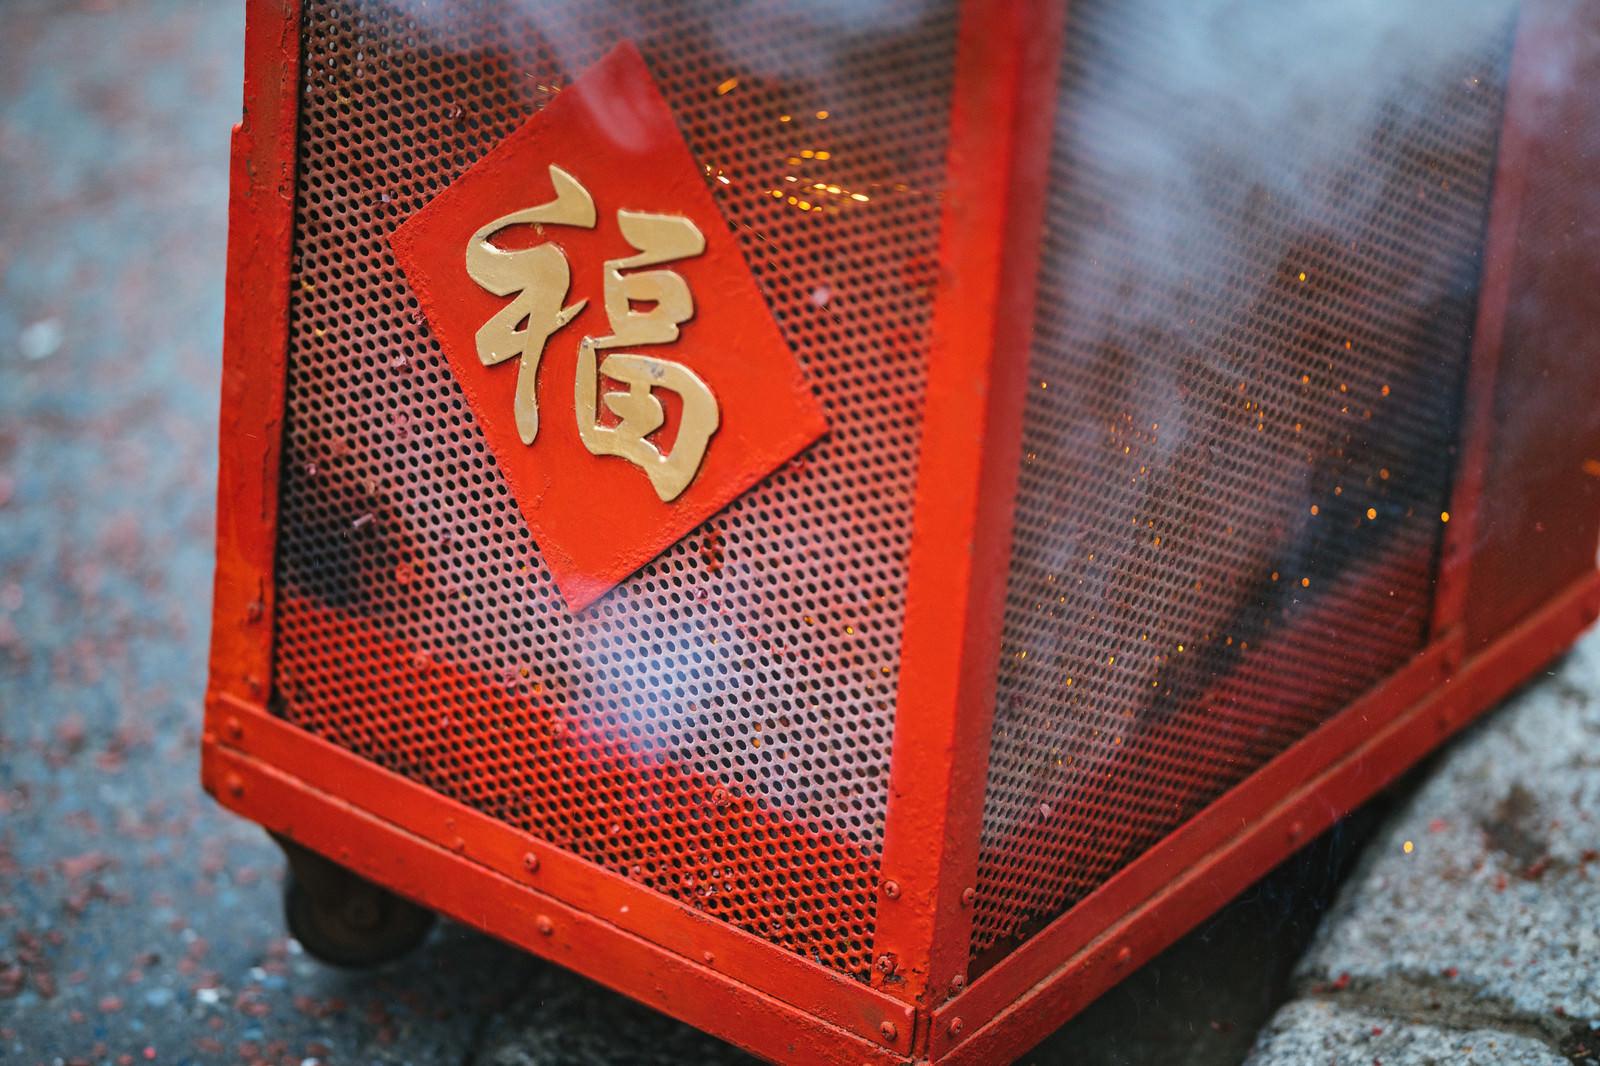 「福と書かれた爆竹箱 | 写真の無料素材・フリー素材 - ぱくたそ」の写真